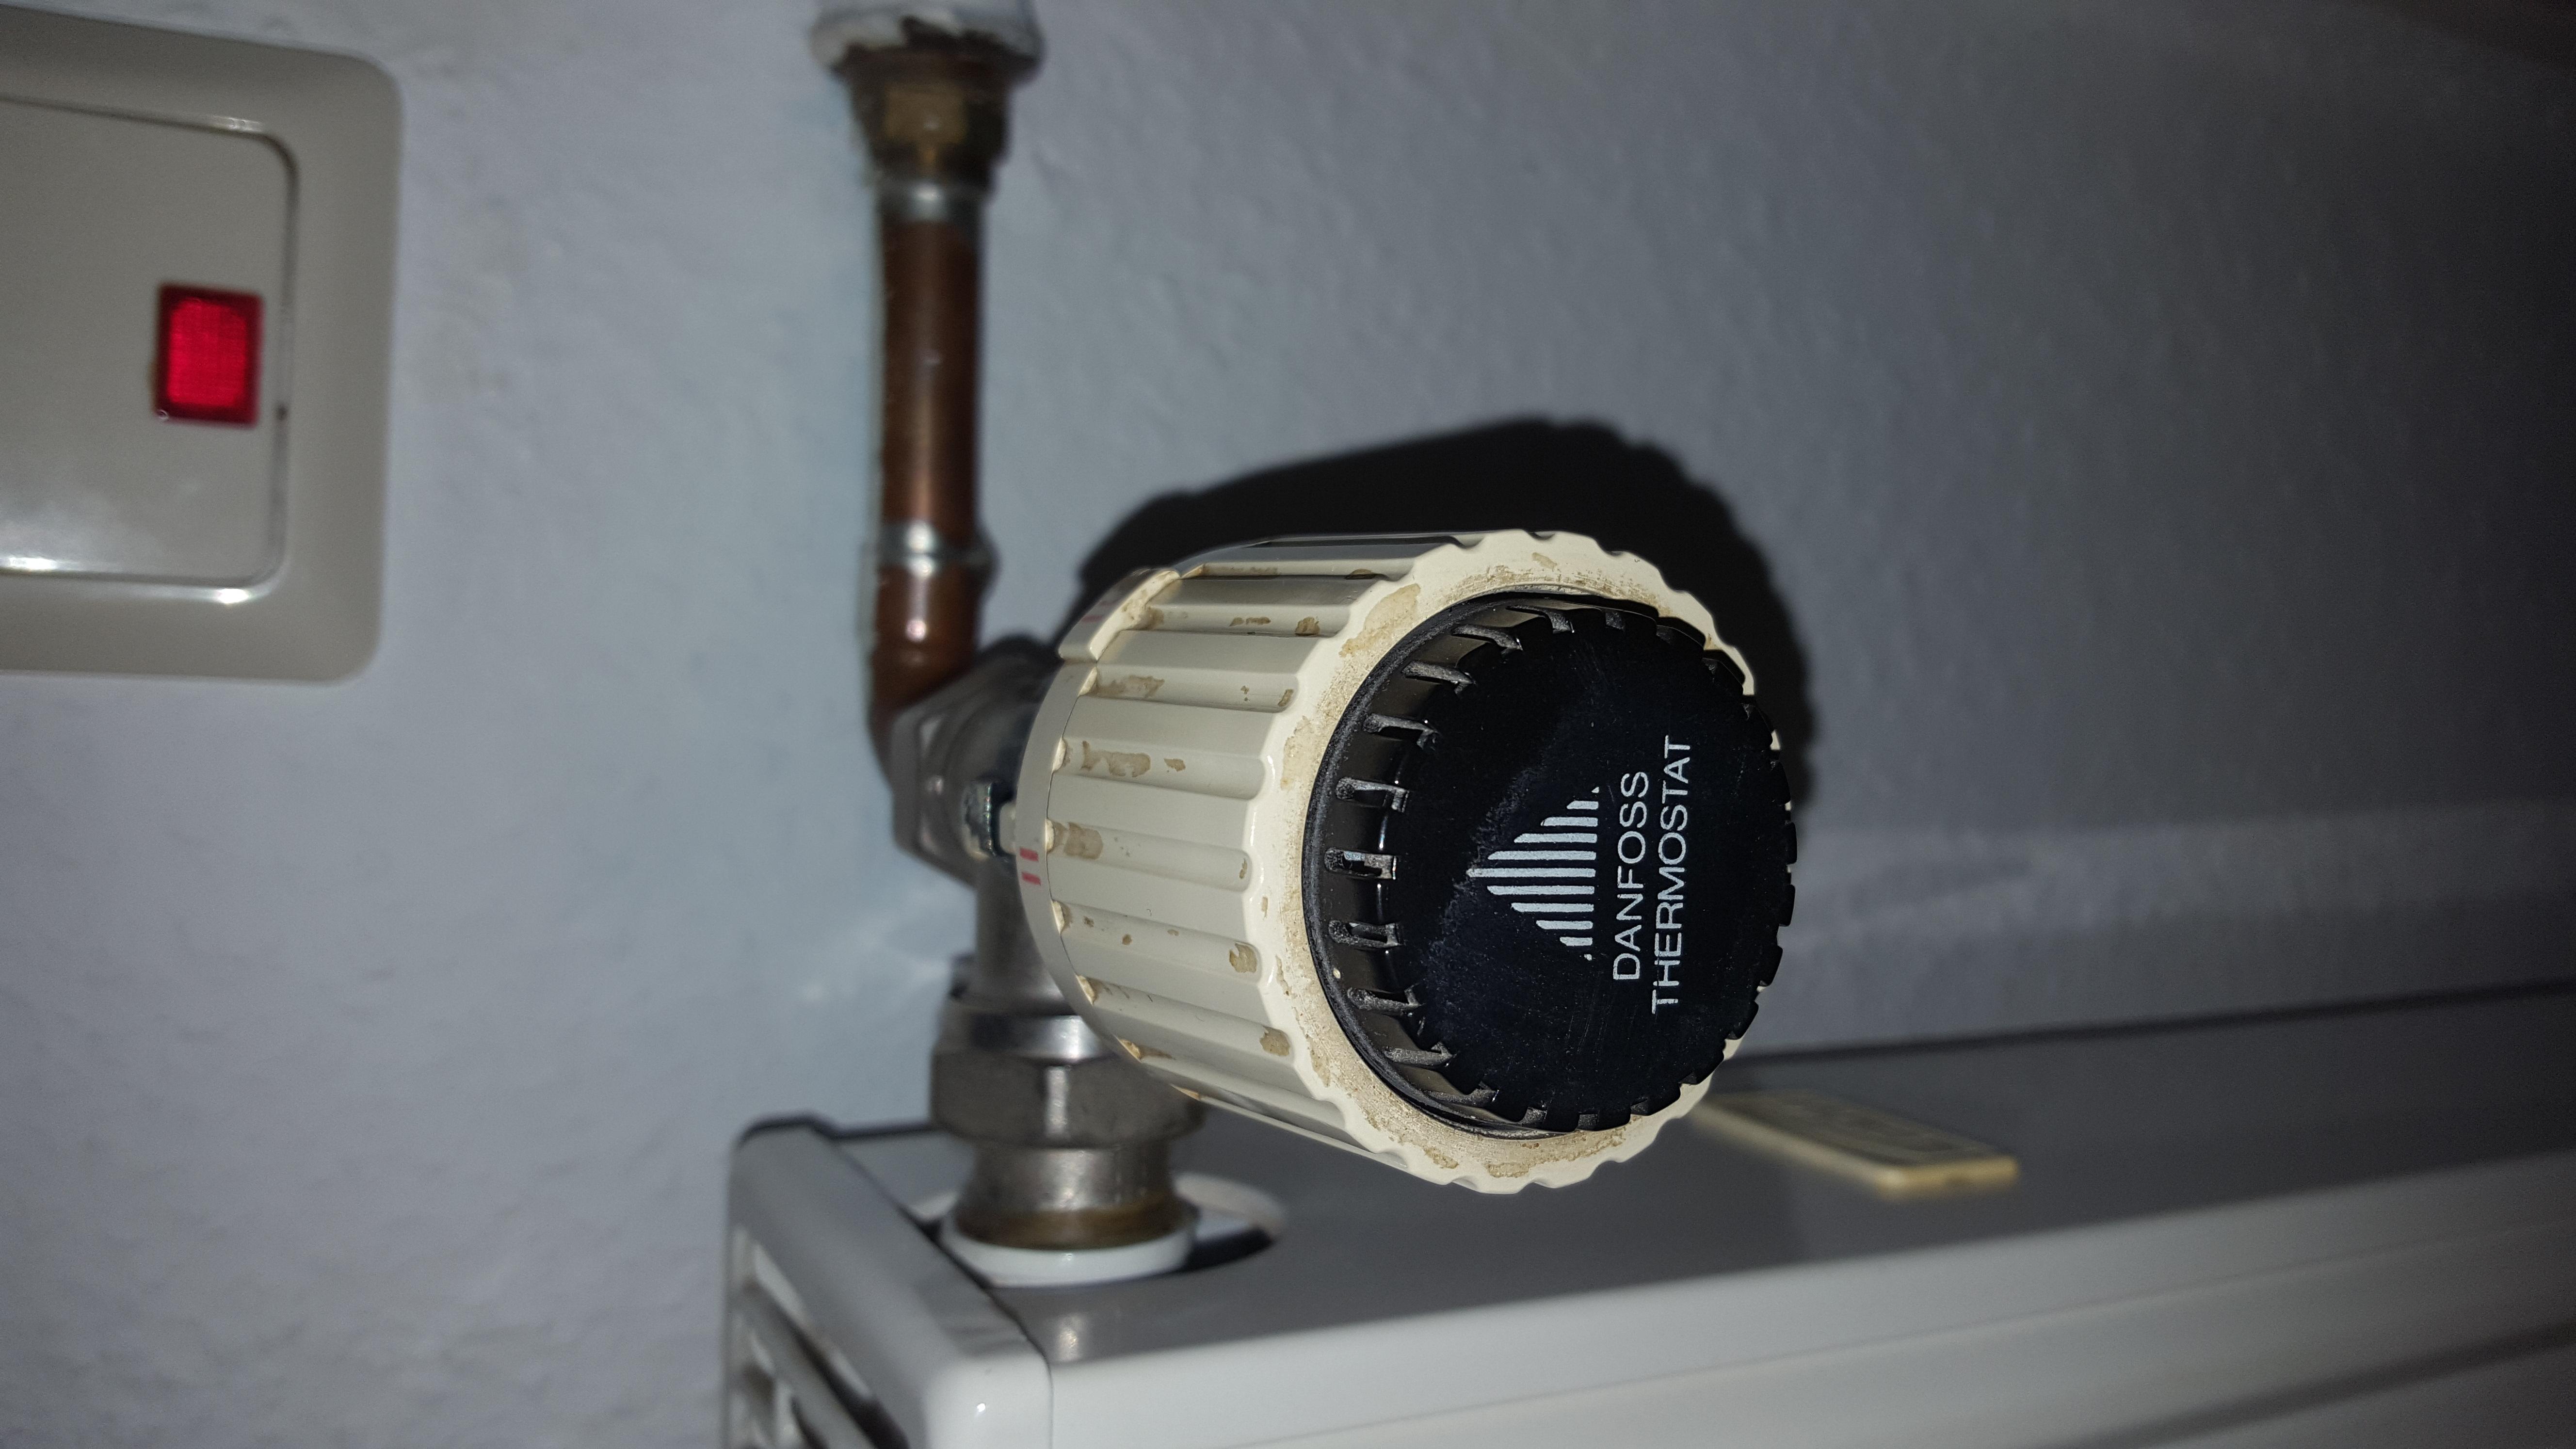 Top Wie wechsel ich dieses Danfoss Thermostat? - HaustechnikDialog YU71